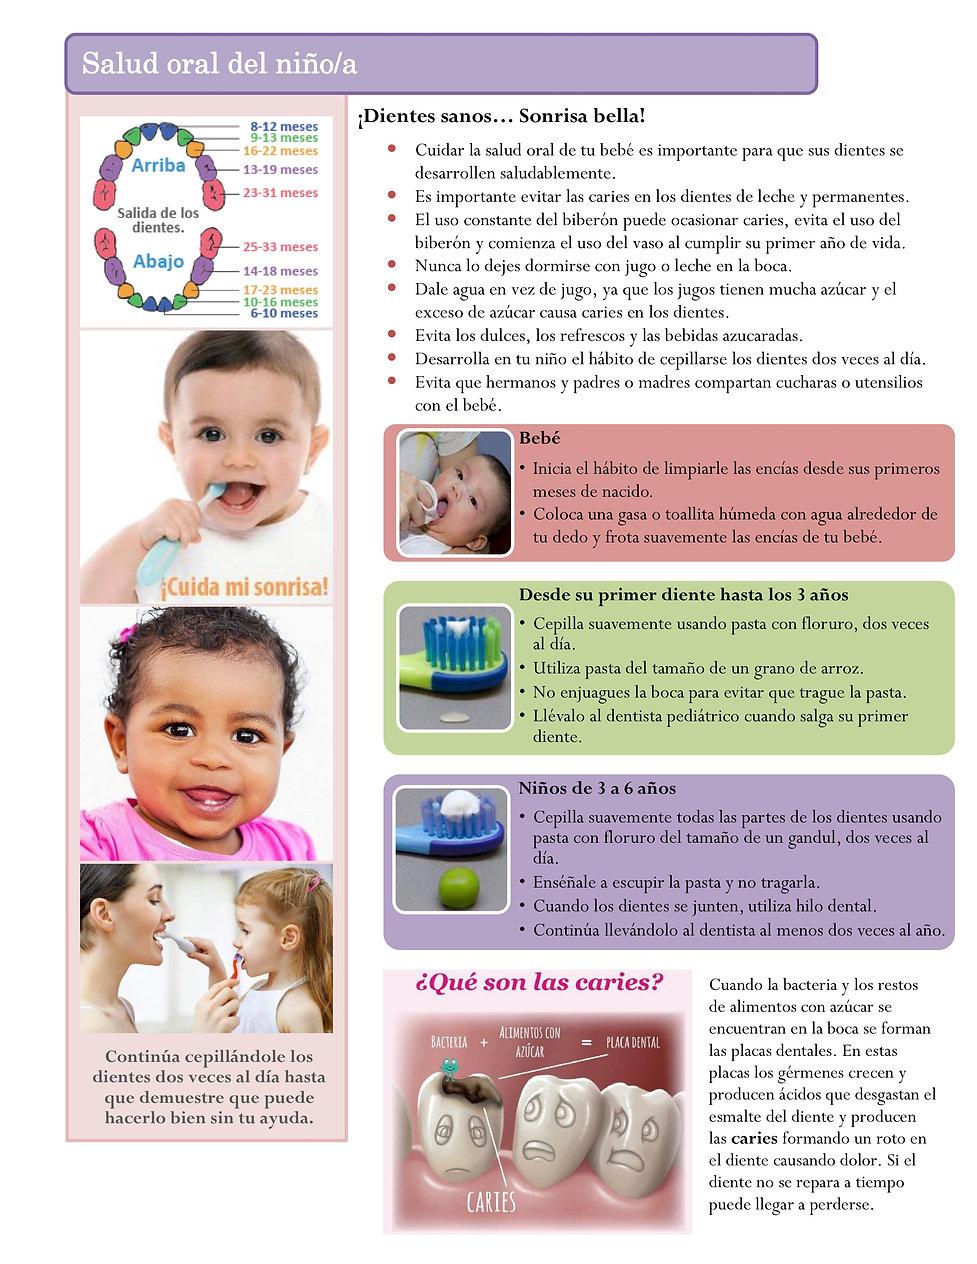 Salud oral del niño(a).jpg